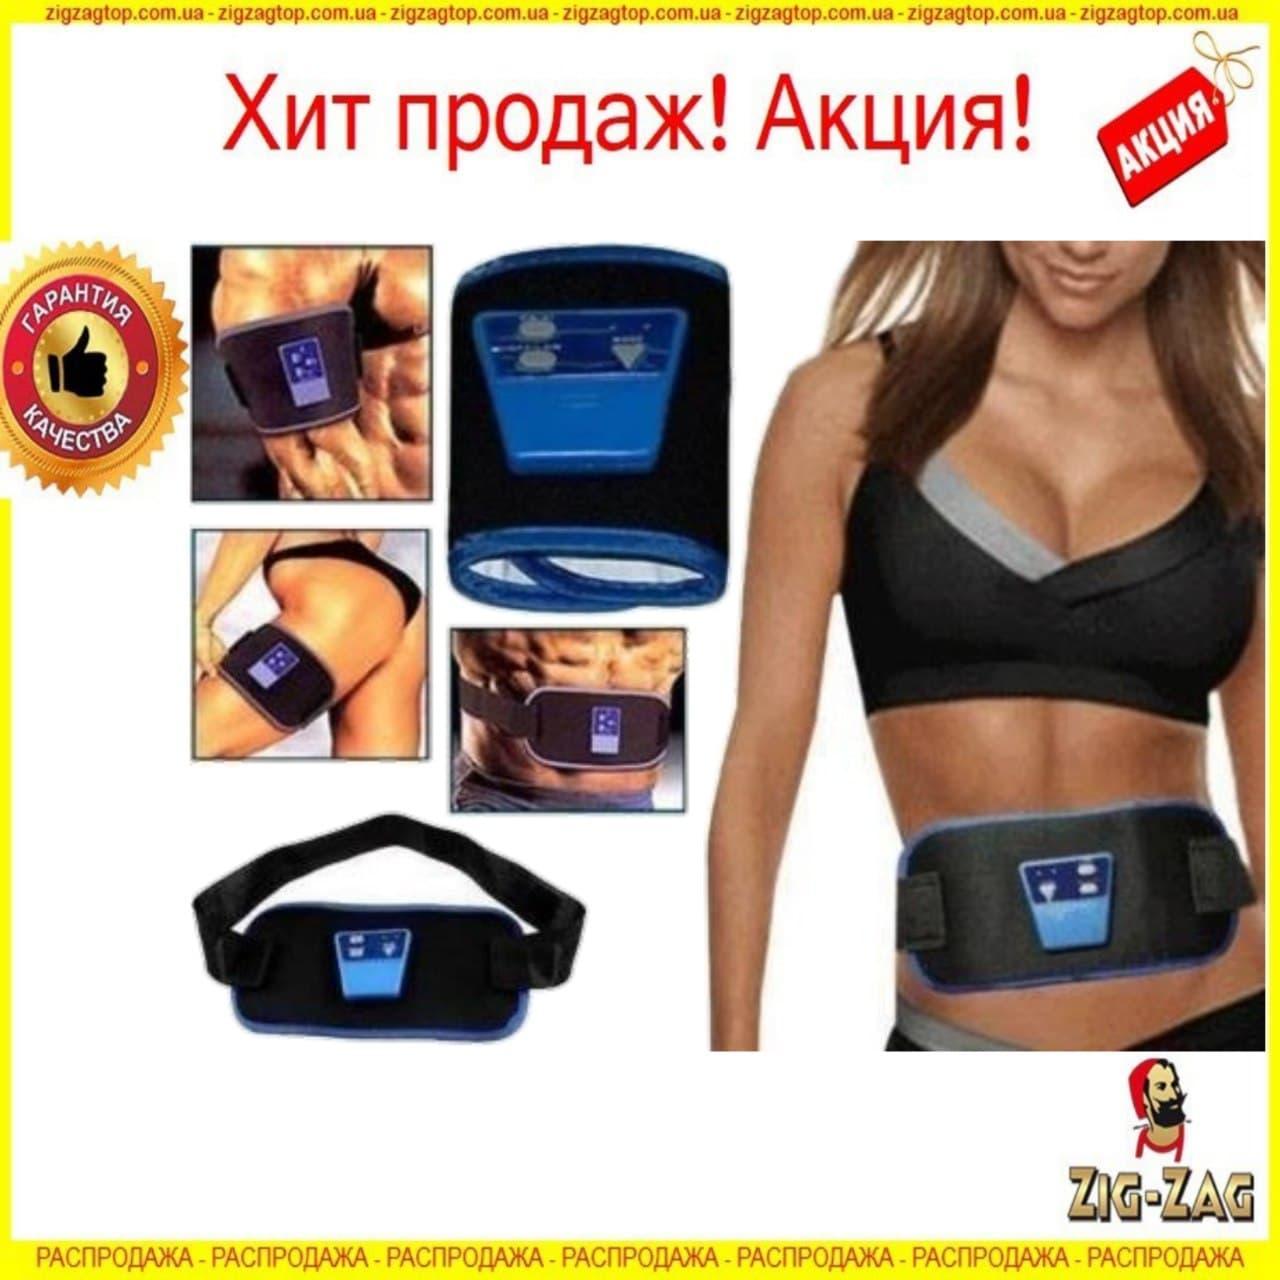 Пояс Ab Gymnic для преса Міостимулятор АБ Жимник для м'язів спини, ніг, рук для Схуднення Живота ТОП!